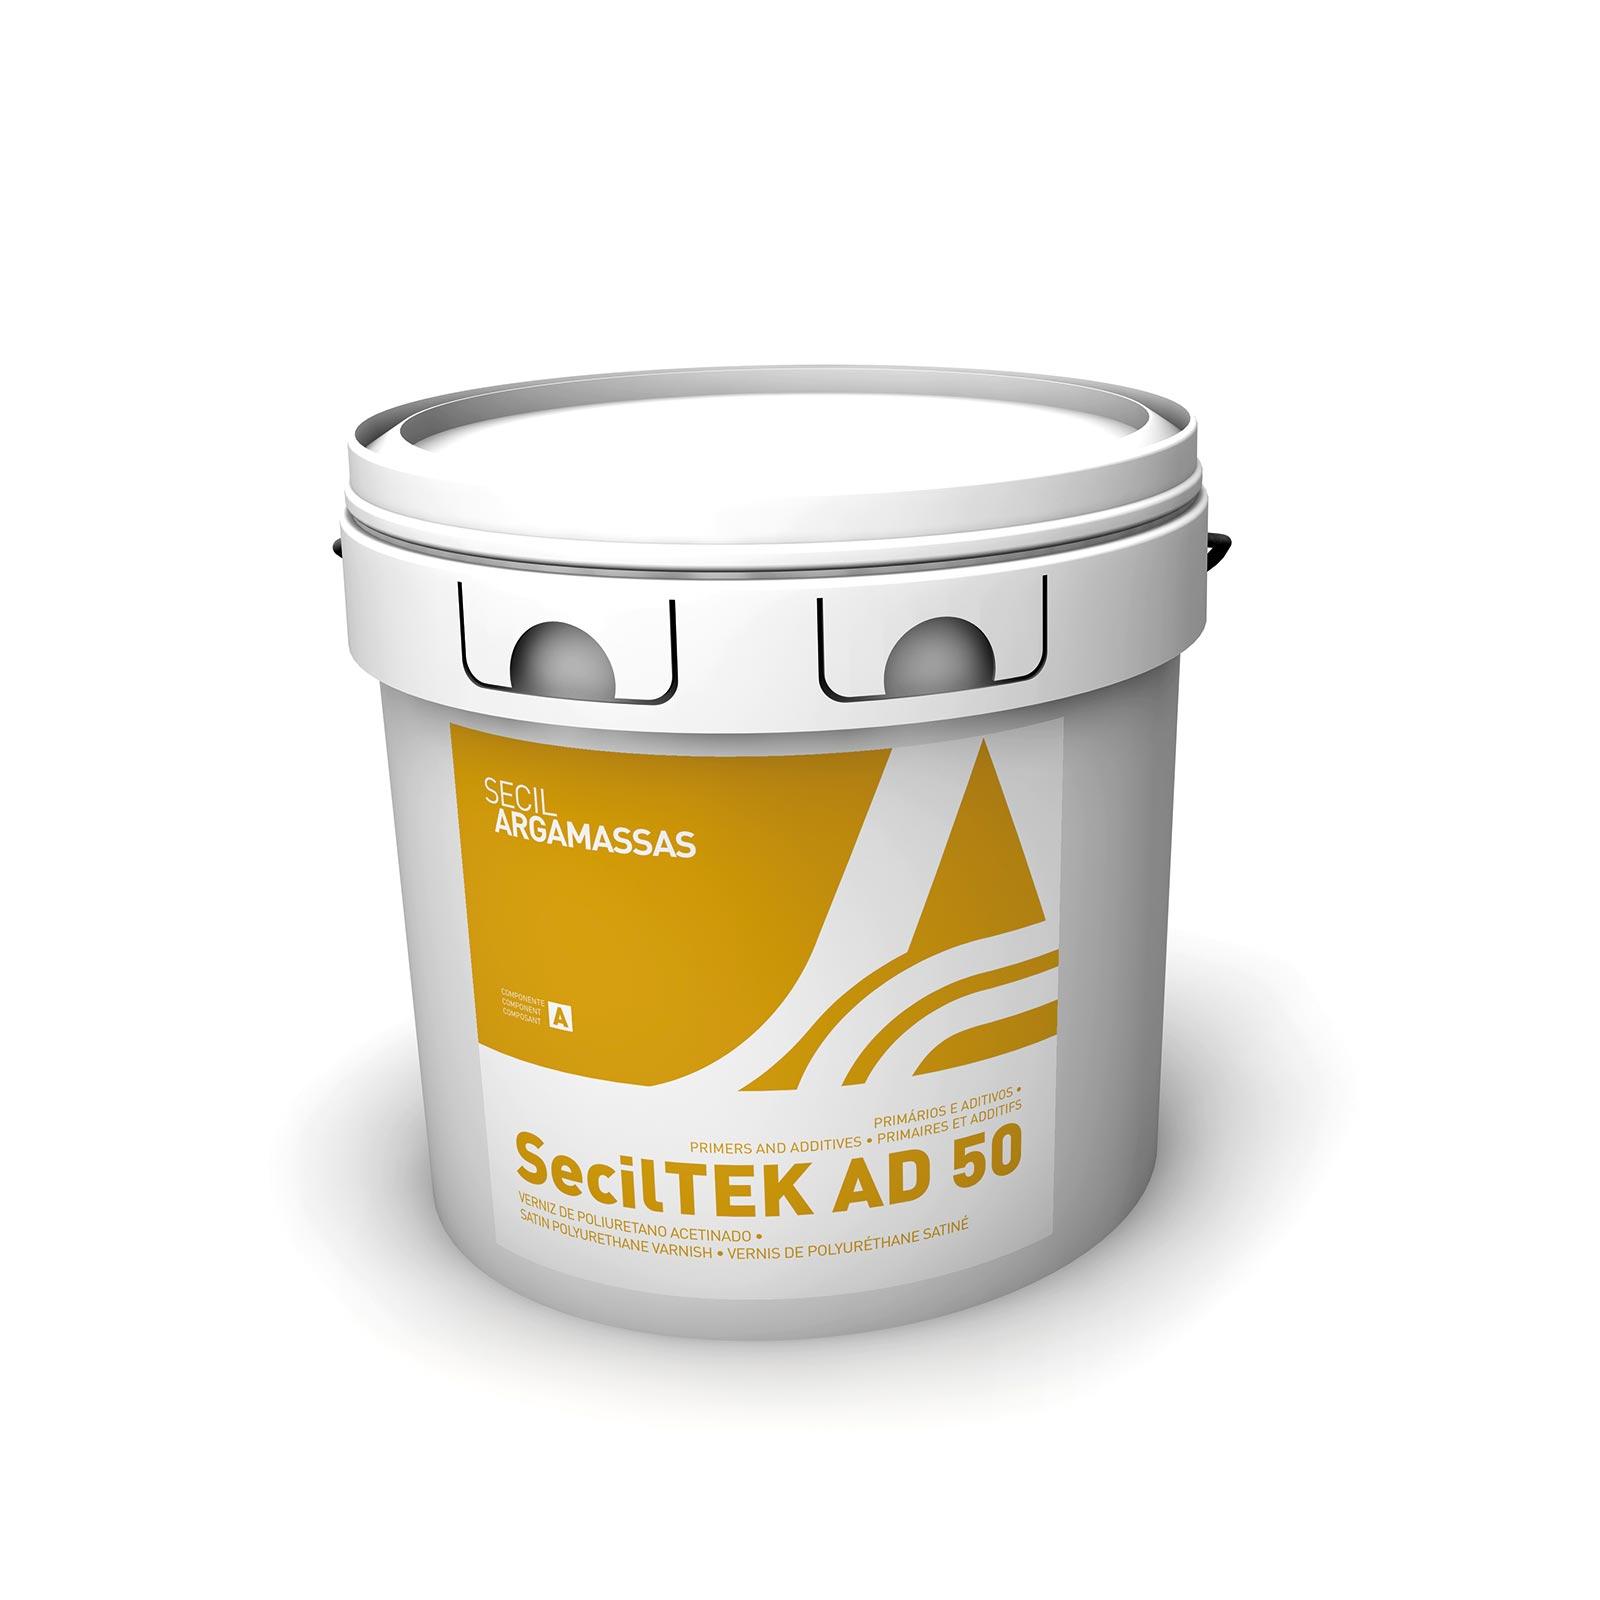 SecilTEK AD 50